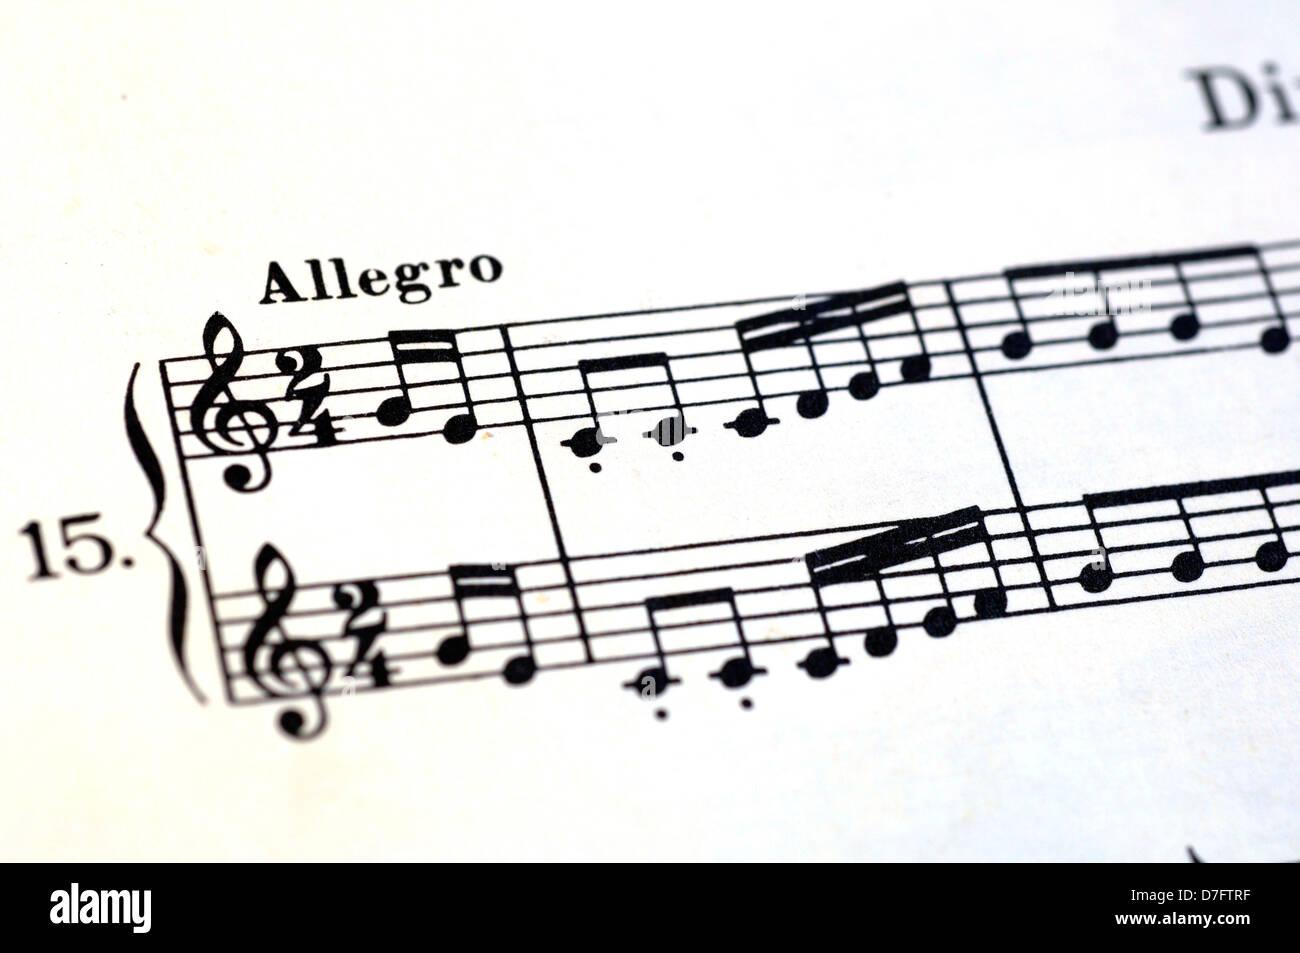 Blatt der Notenschrift, Personal, Musik, Daube Stockbild